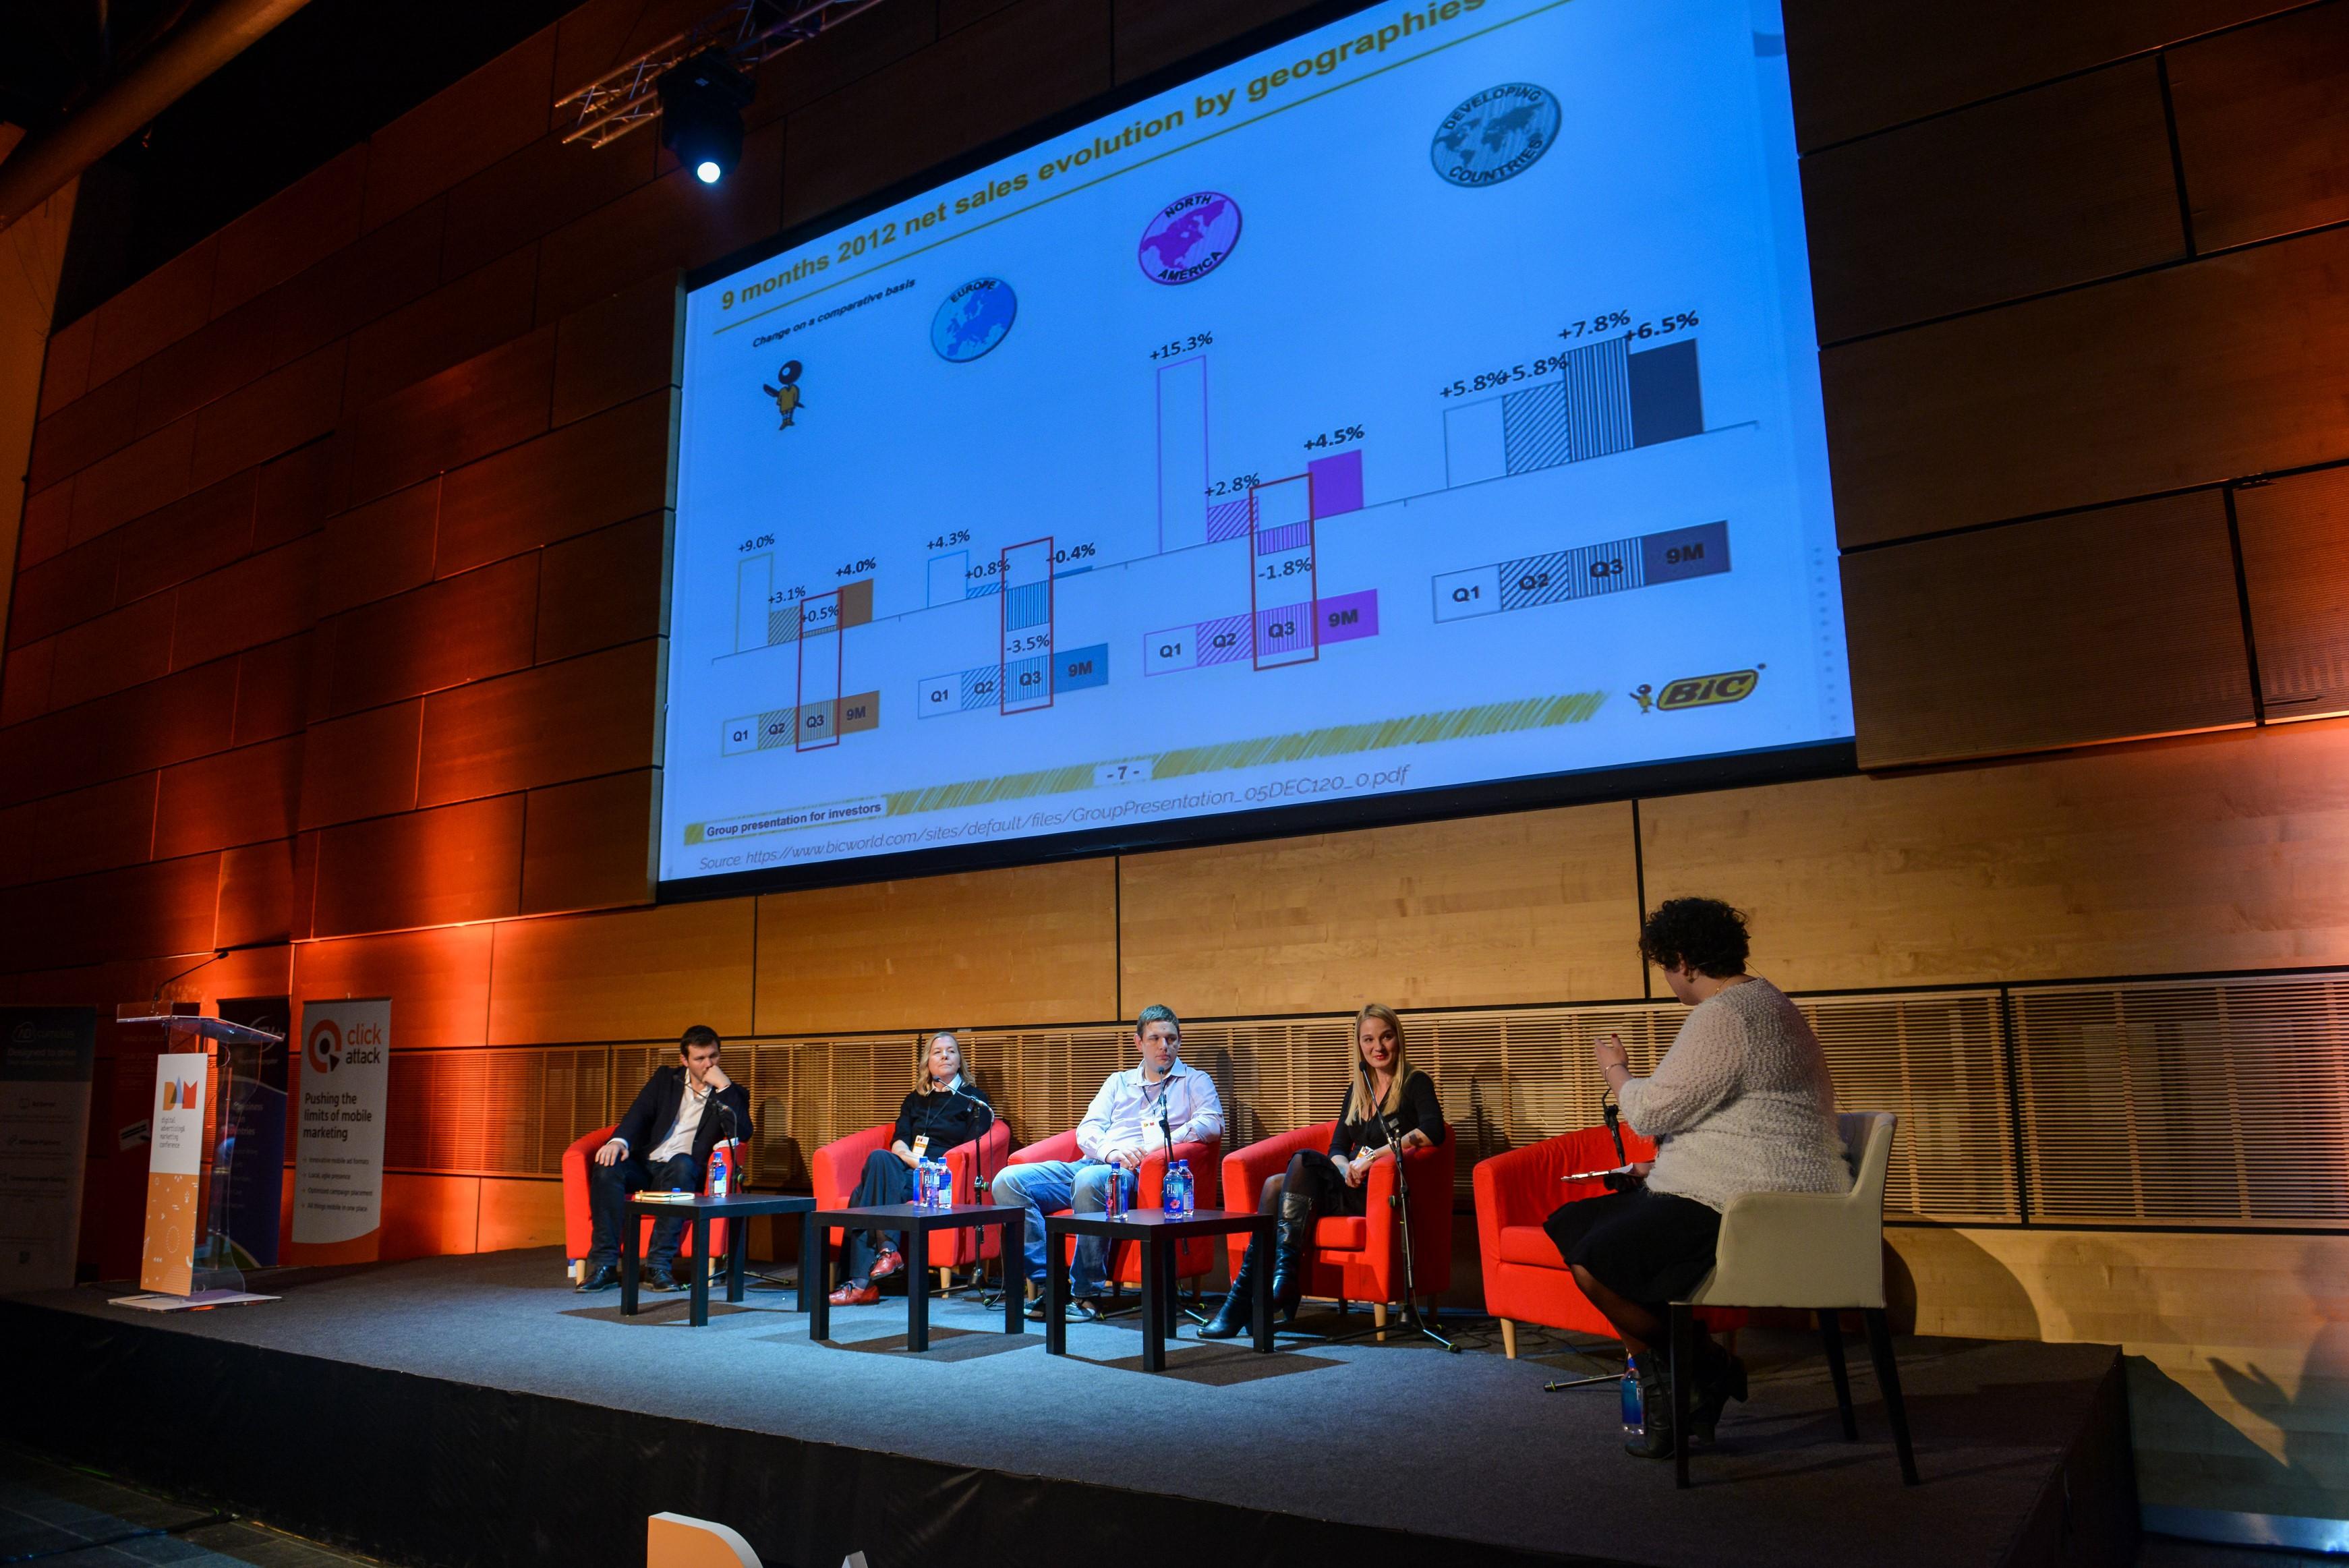 regionalna-digitalna-konferencija-za-koja-site-zboruvaat-doznaj-zoshto-site-govorat-za-damconf